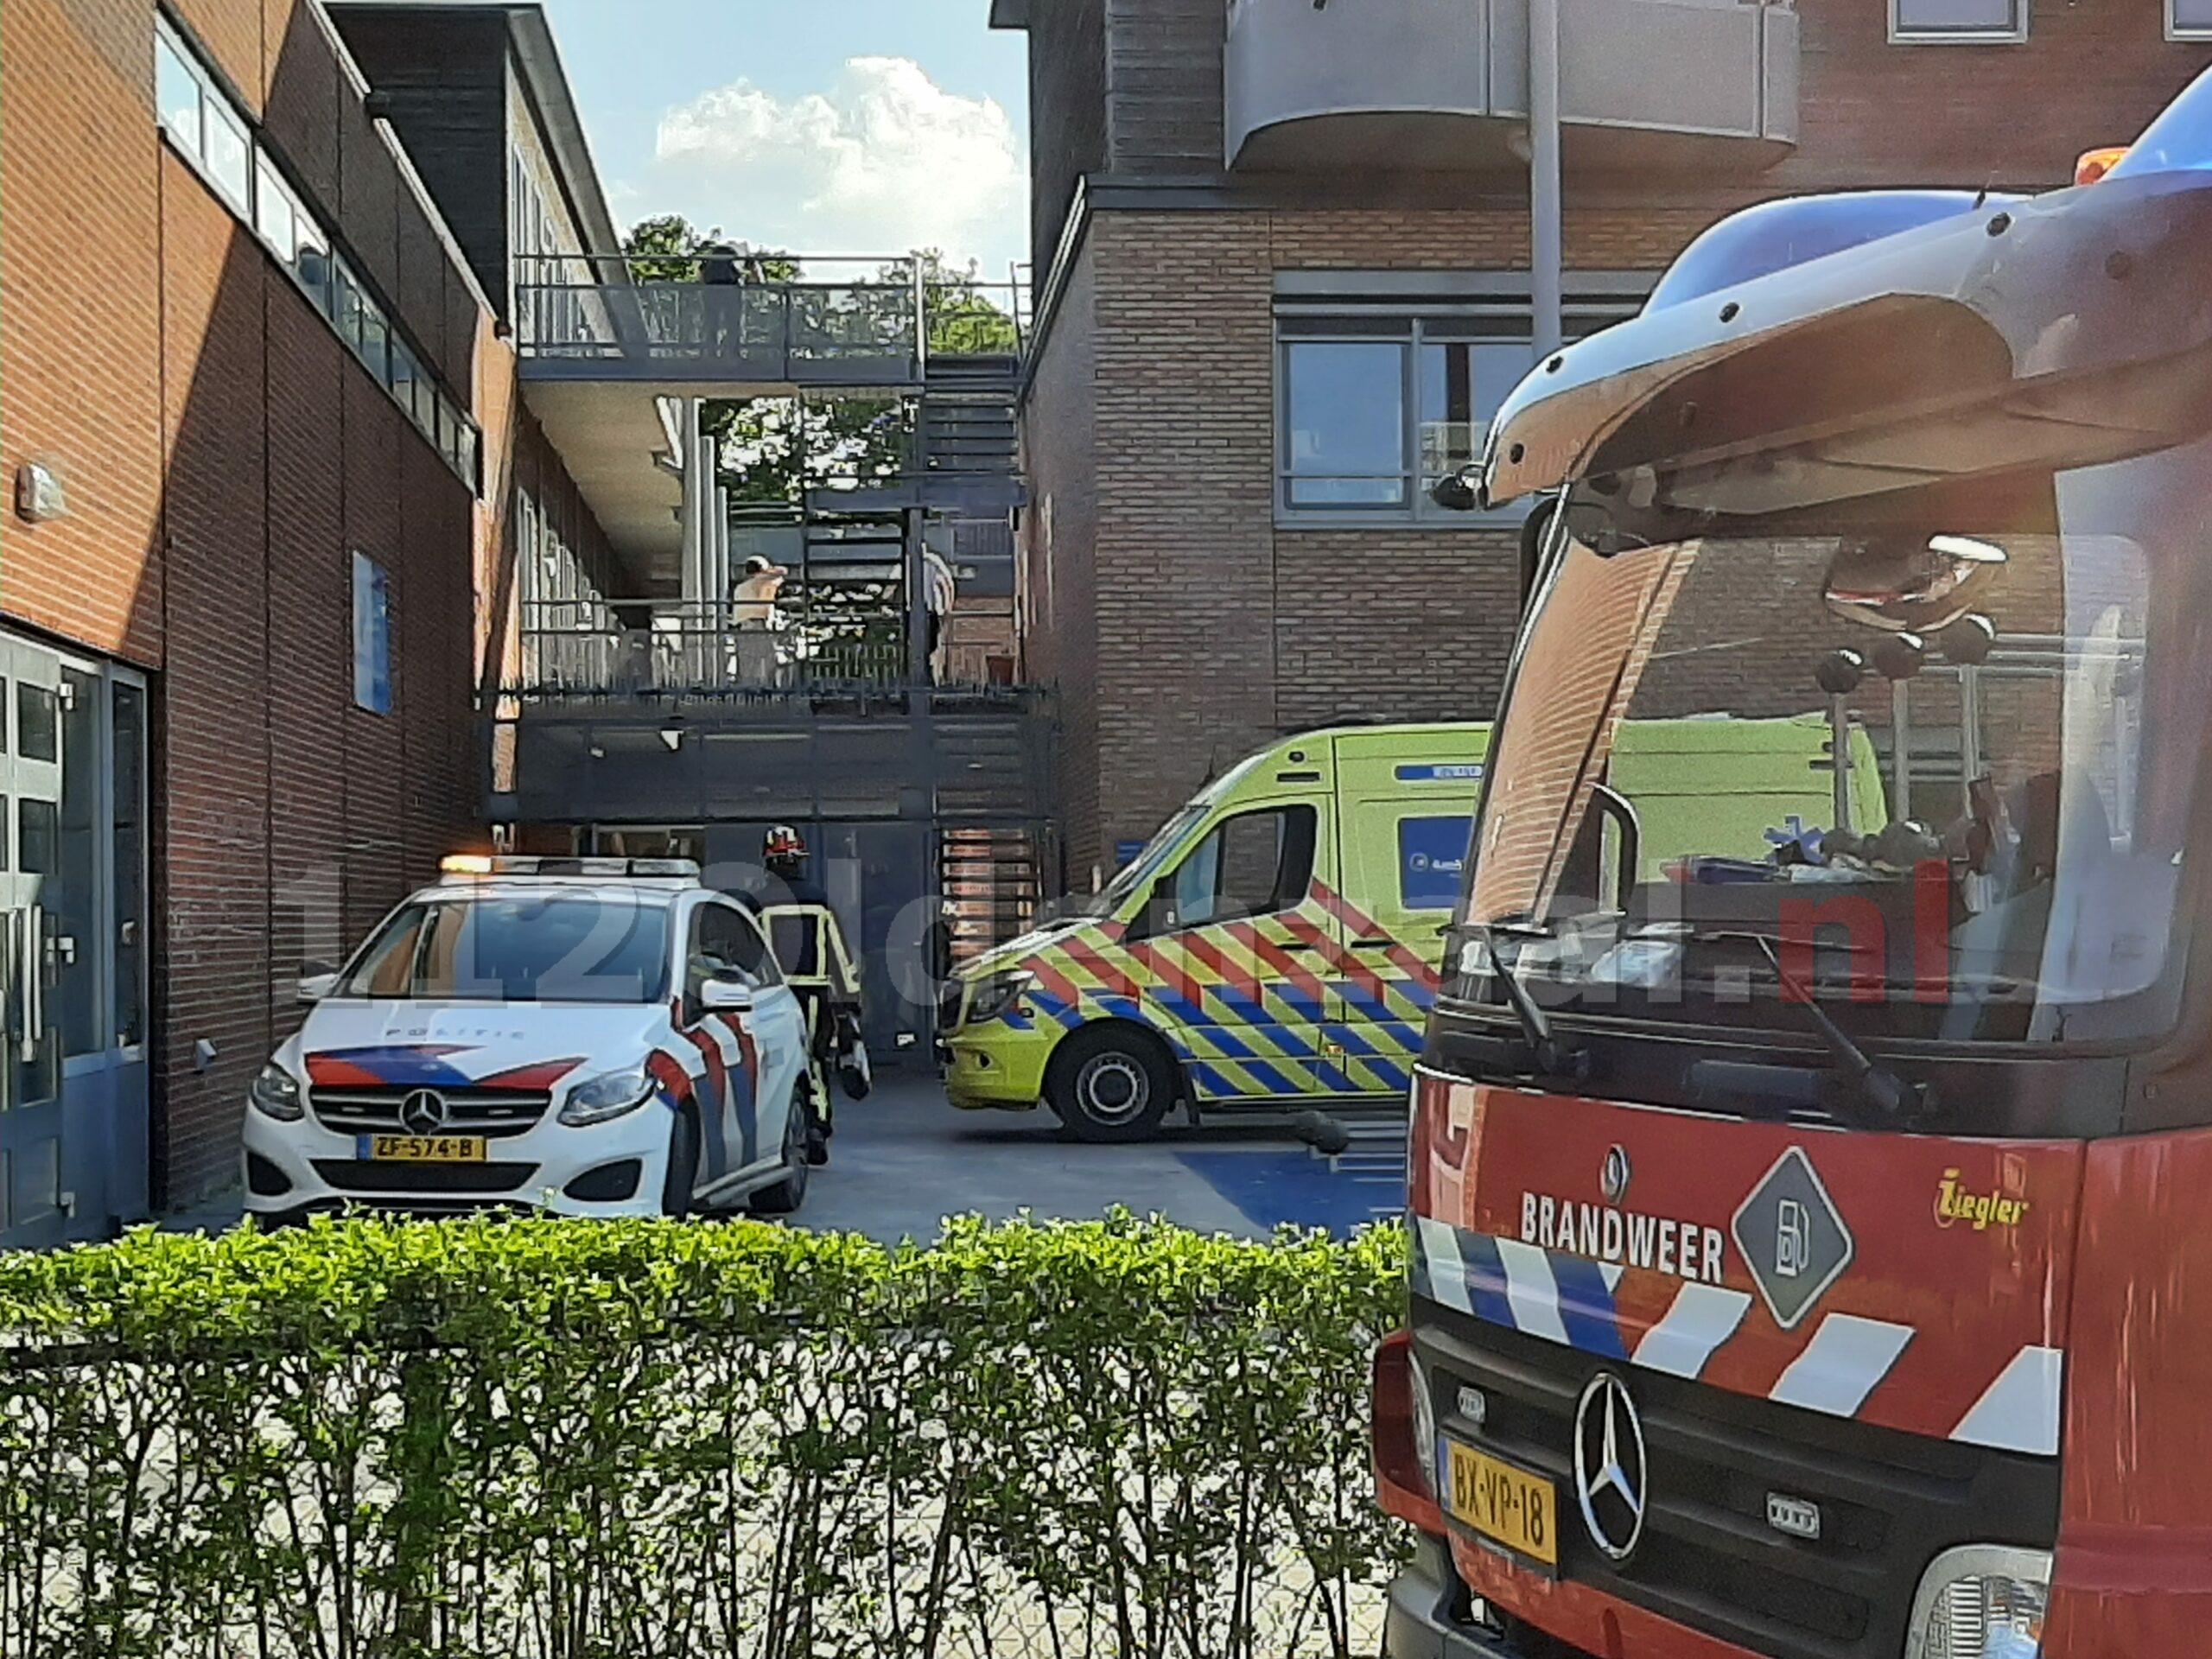 Persoon gewond bij ongeval Wieldraaierlaan Oldenzaal